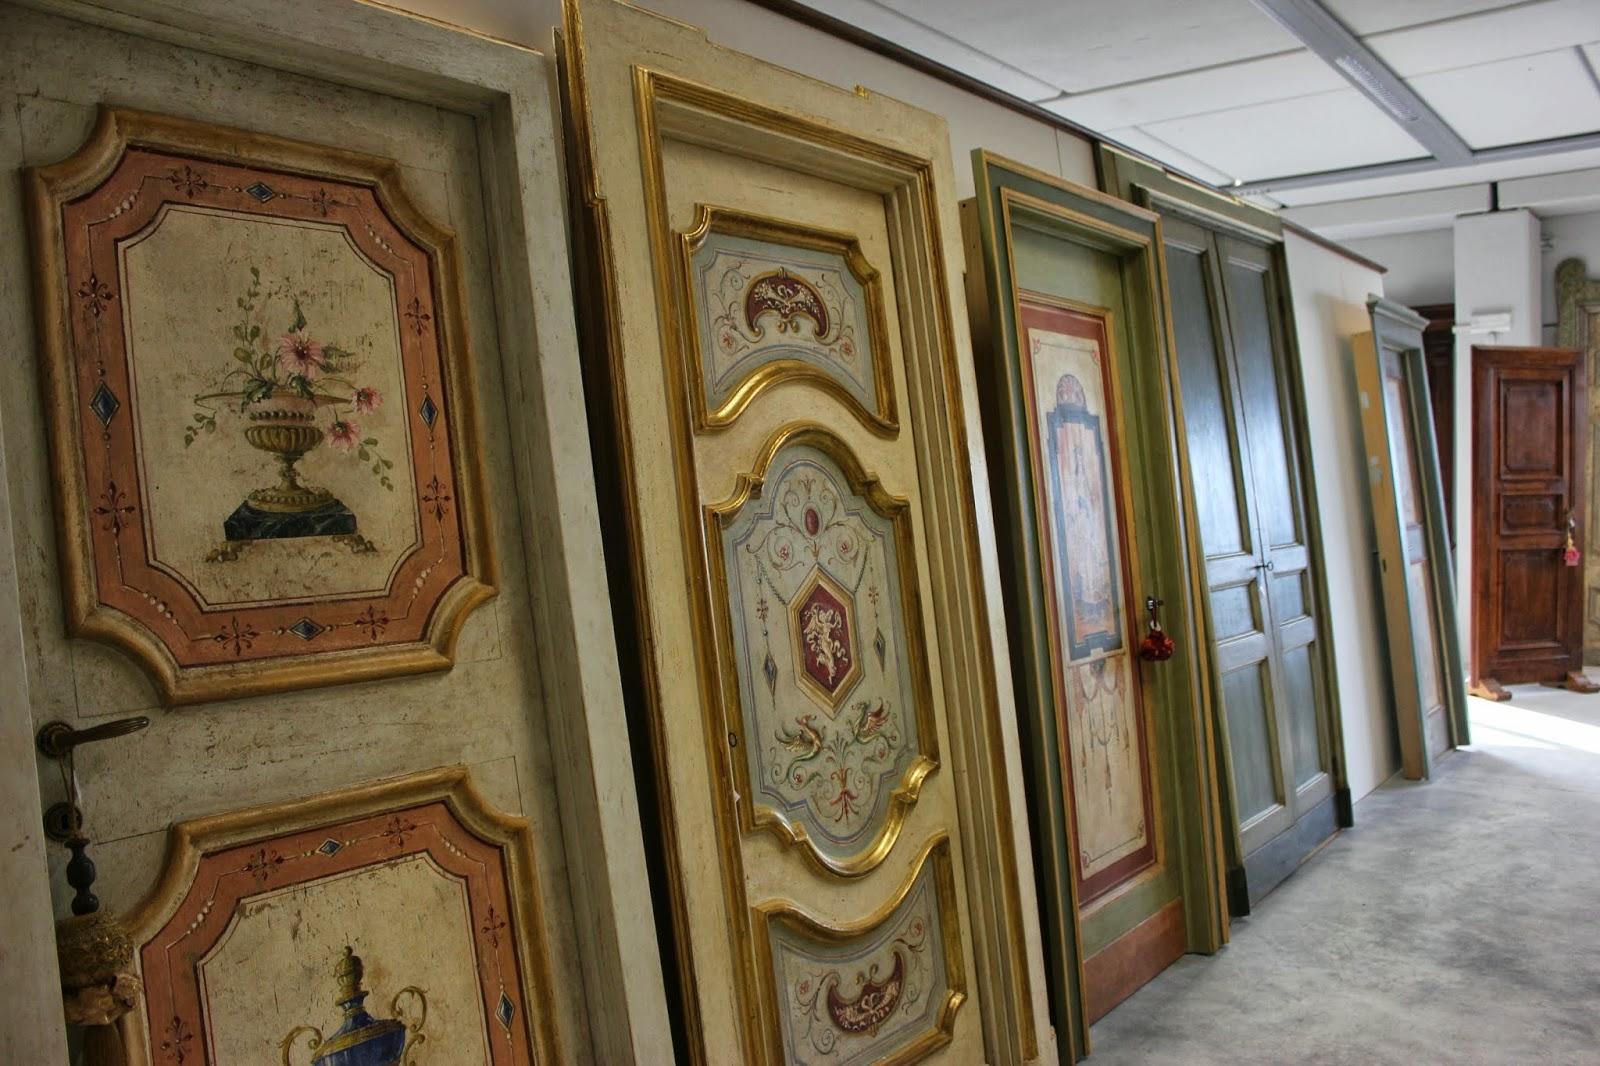 1000 images about antiques fairs on pinterest flea - Porte del passato ...